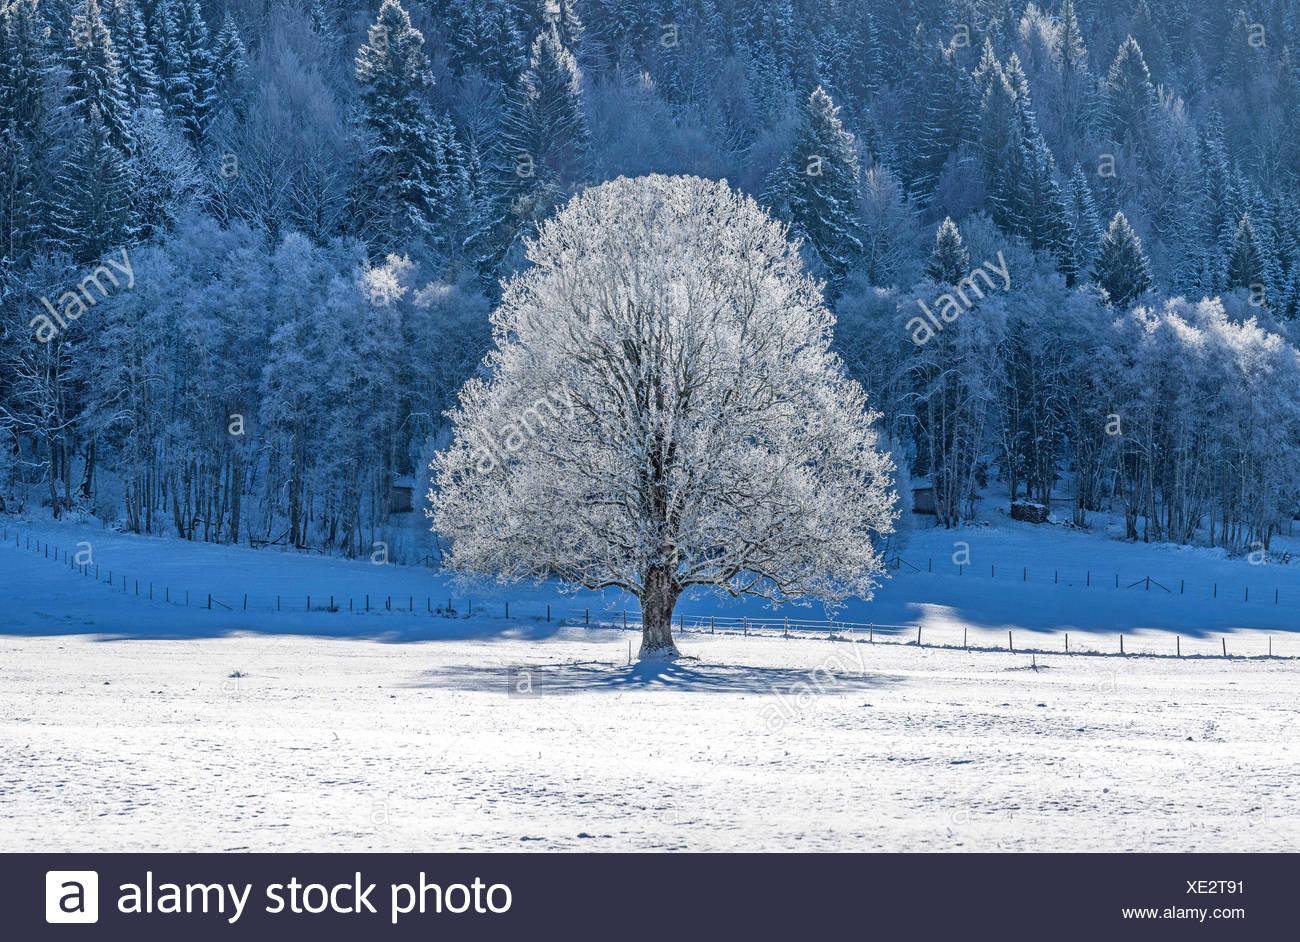 Linde (Tilia spec.), Blattlose mit Raureif ueberzogene Linde in einer verschneiten Landschaft, Deutschland, Bayern, Oberbayern,  - Stock Image